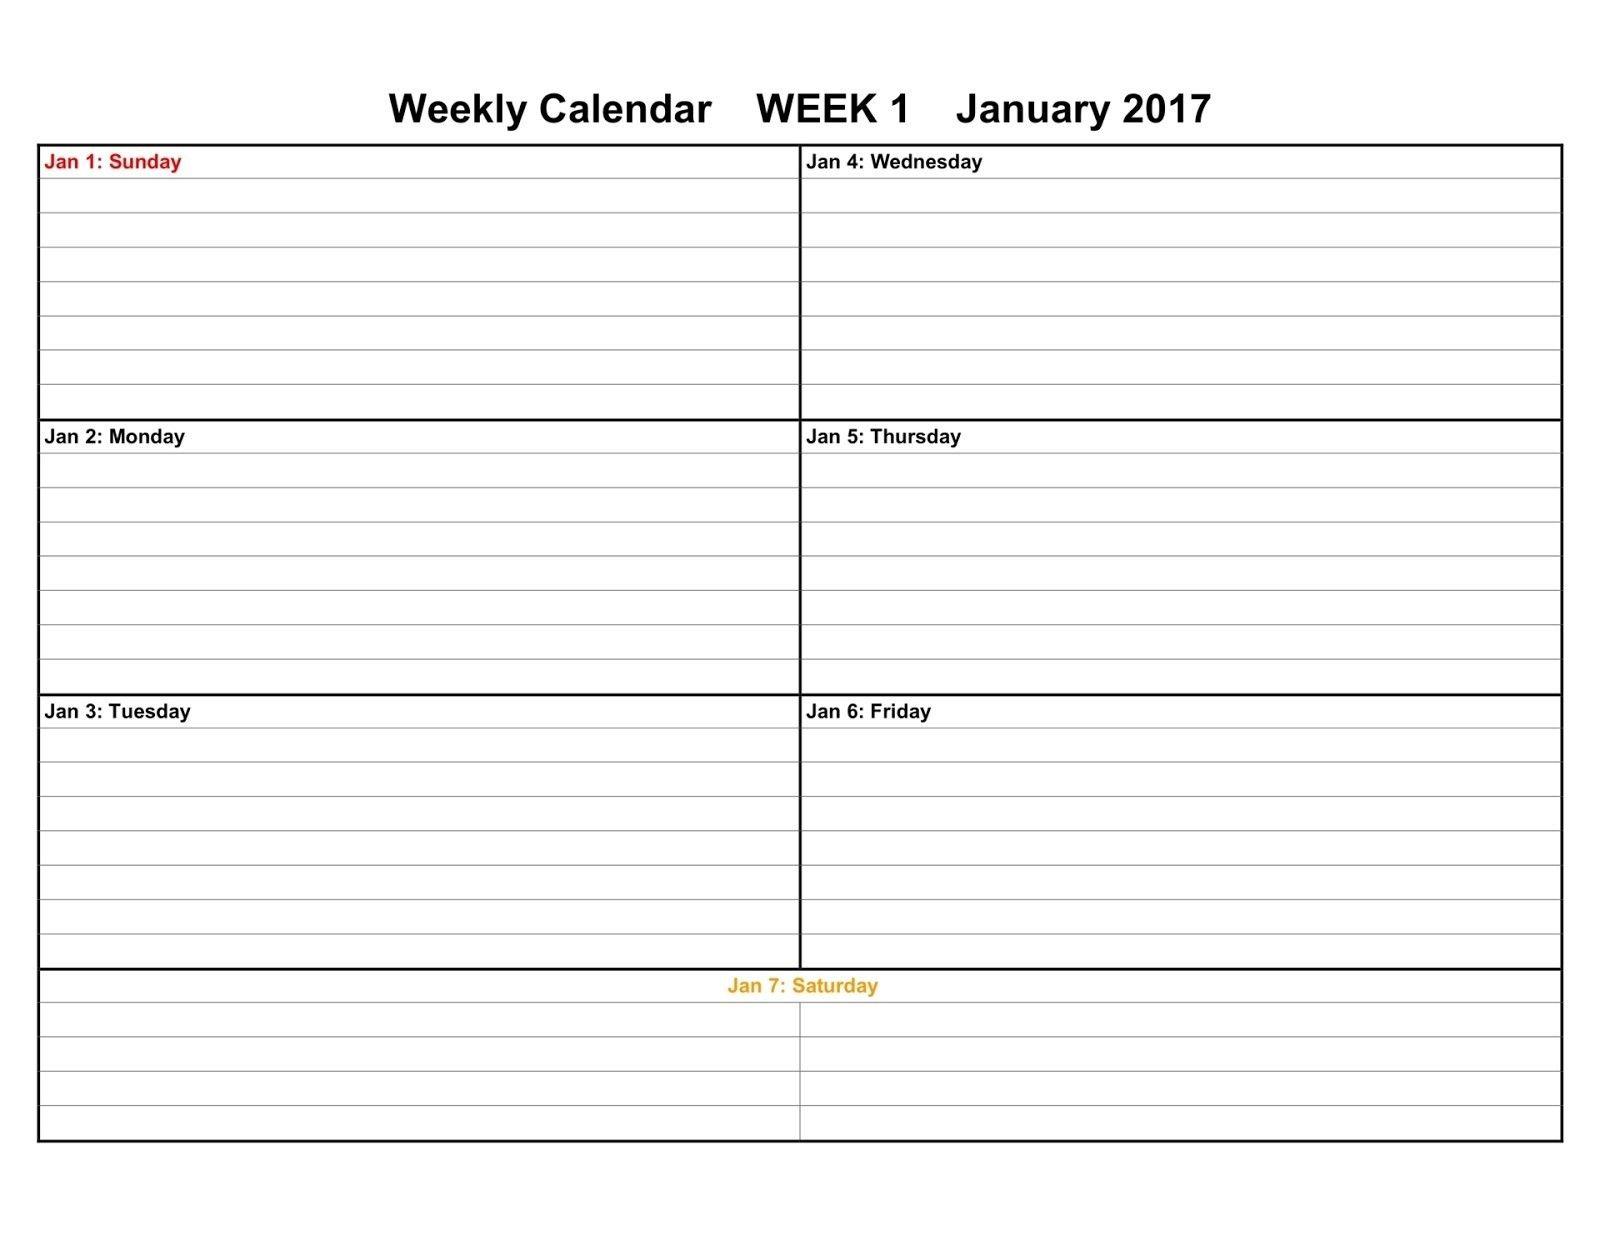 Weekly Calendar Planner Weekly Diary Calendar Template Desk Weekly